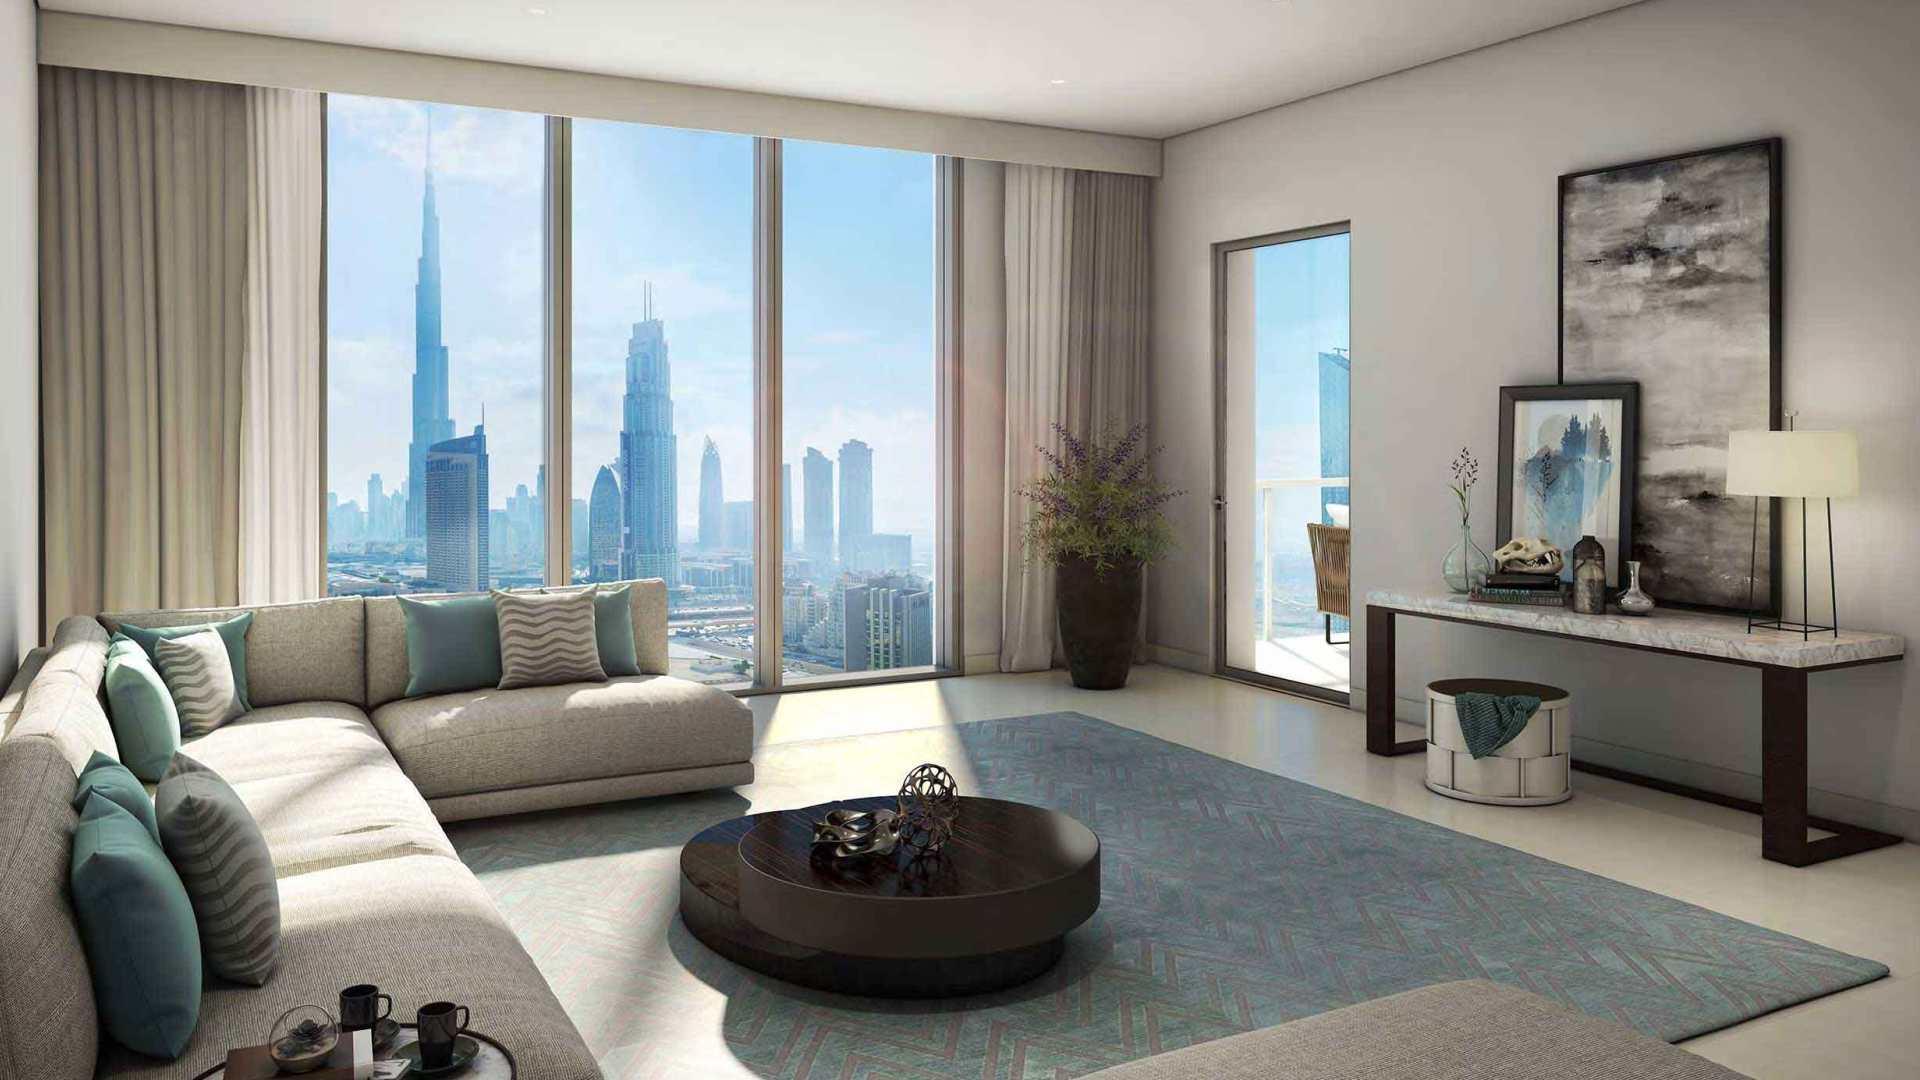 Villa en venta en Dubai, EAU, 4 dormitorios, 312 m2, № 24373 – foto 1